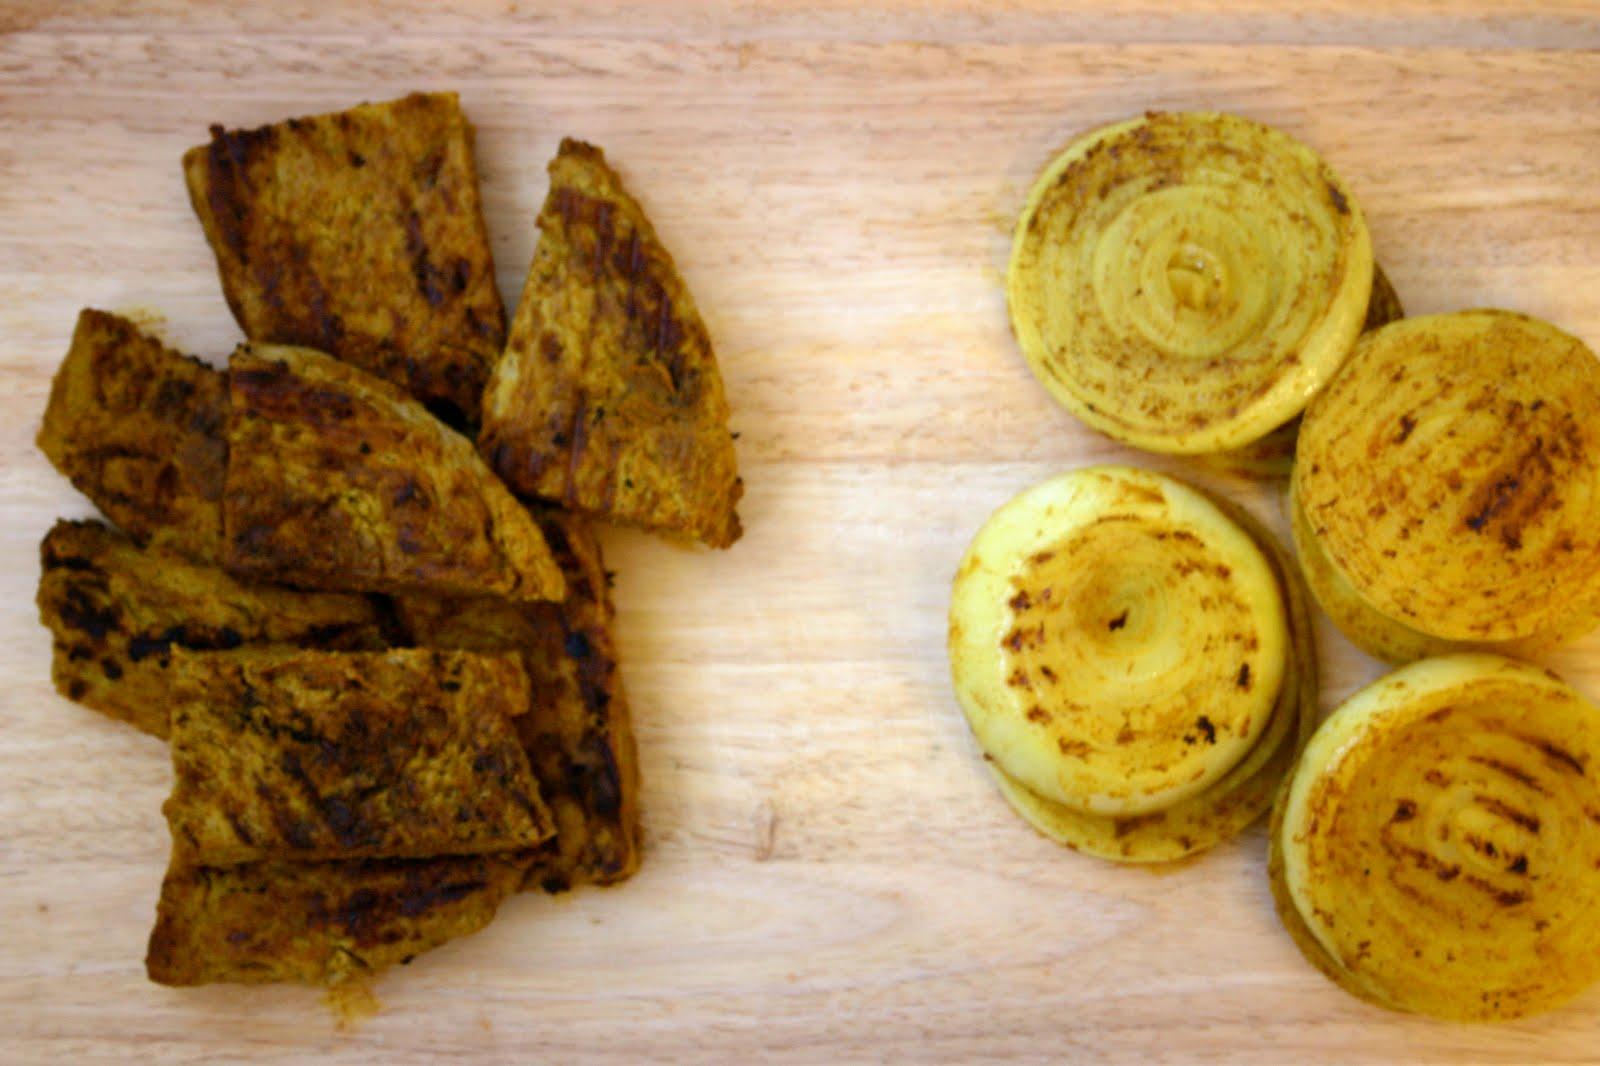 ... Chipotle Tomato Relish and Roasted Garlic, Sage and Artichoke Tahini